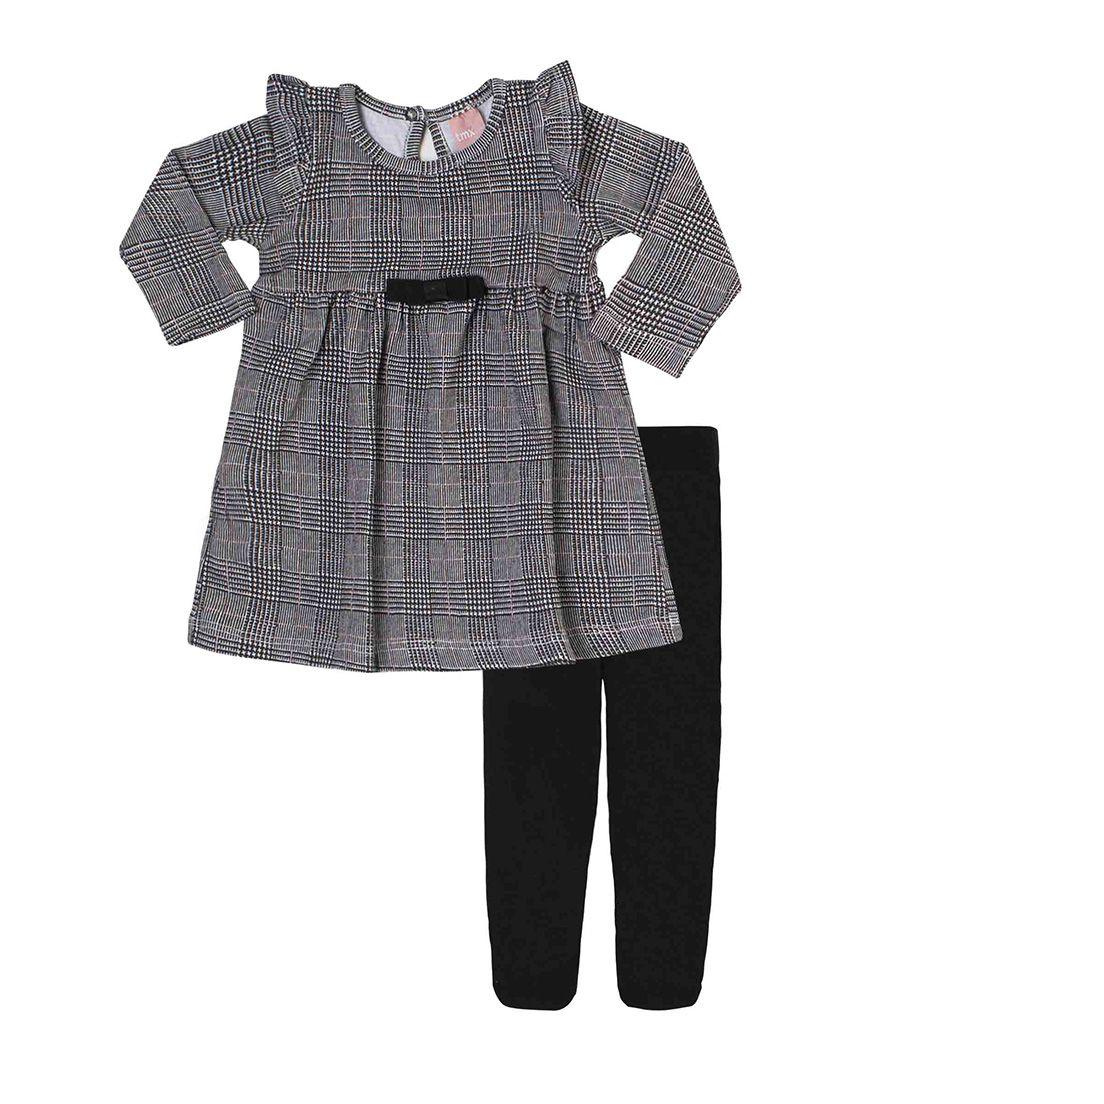 Vestido Bebê  Cotton com Meia Calça TMX  Príncipe de Gales